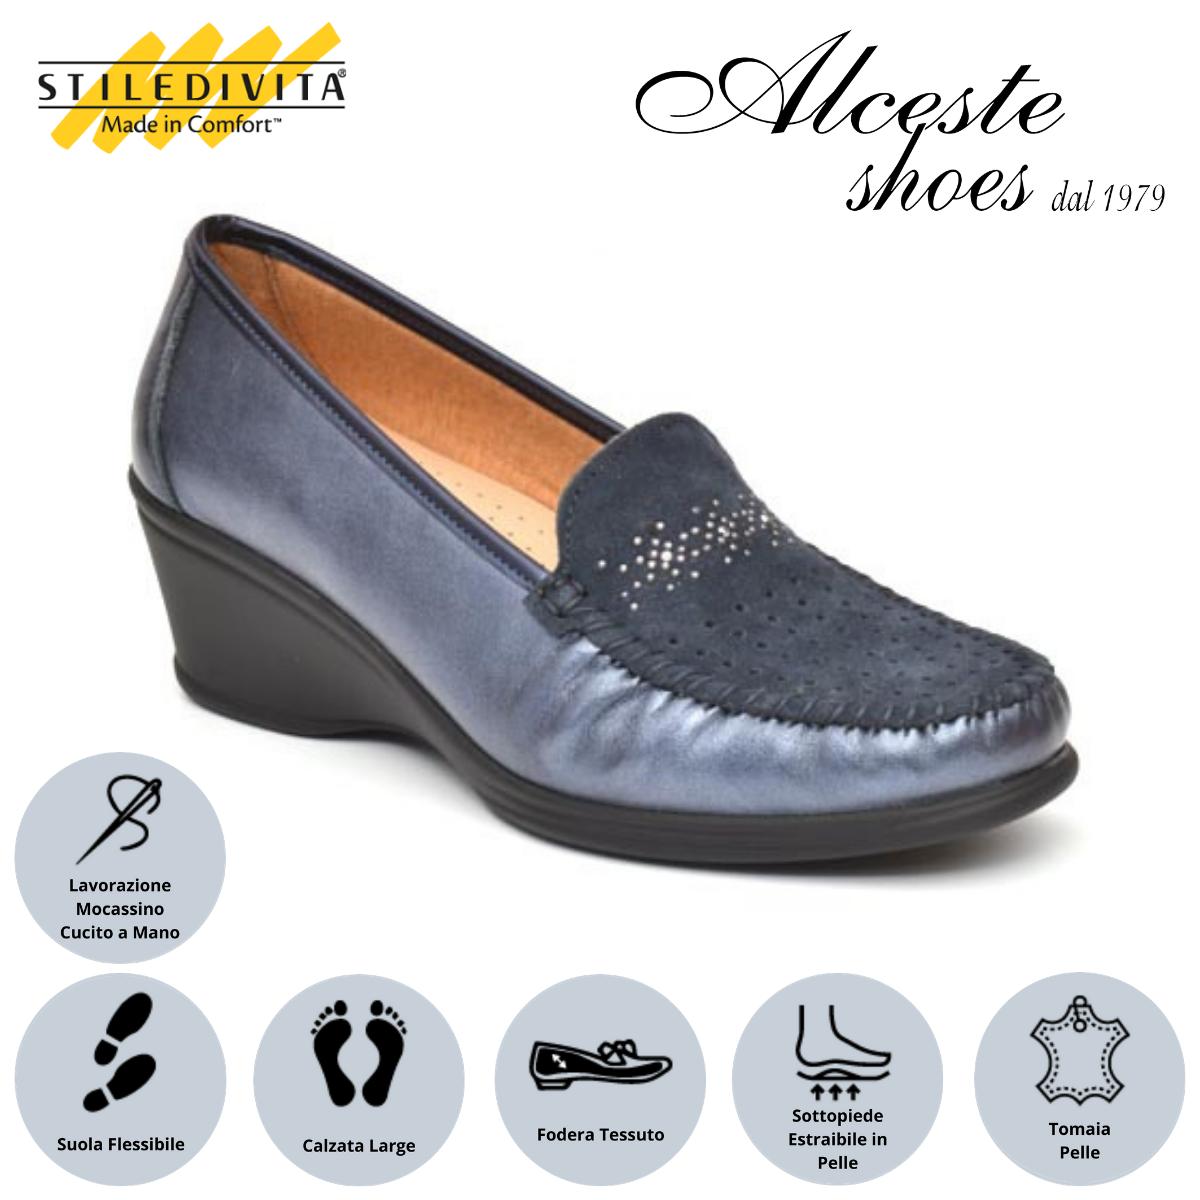 Mocassino Traforato Stiledivita Art. 7374 Pelle e Camoscio Blu Alceste Shoes 17 1